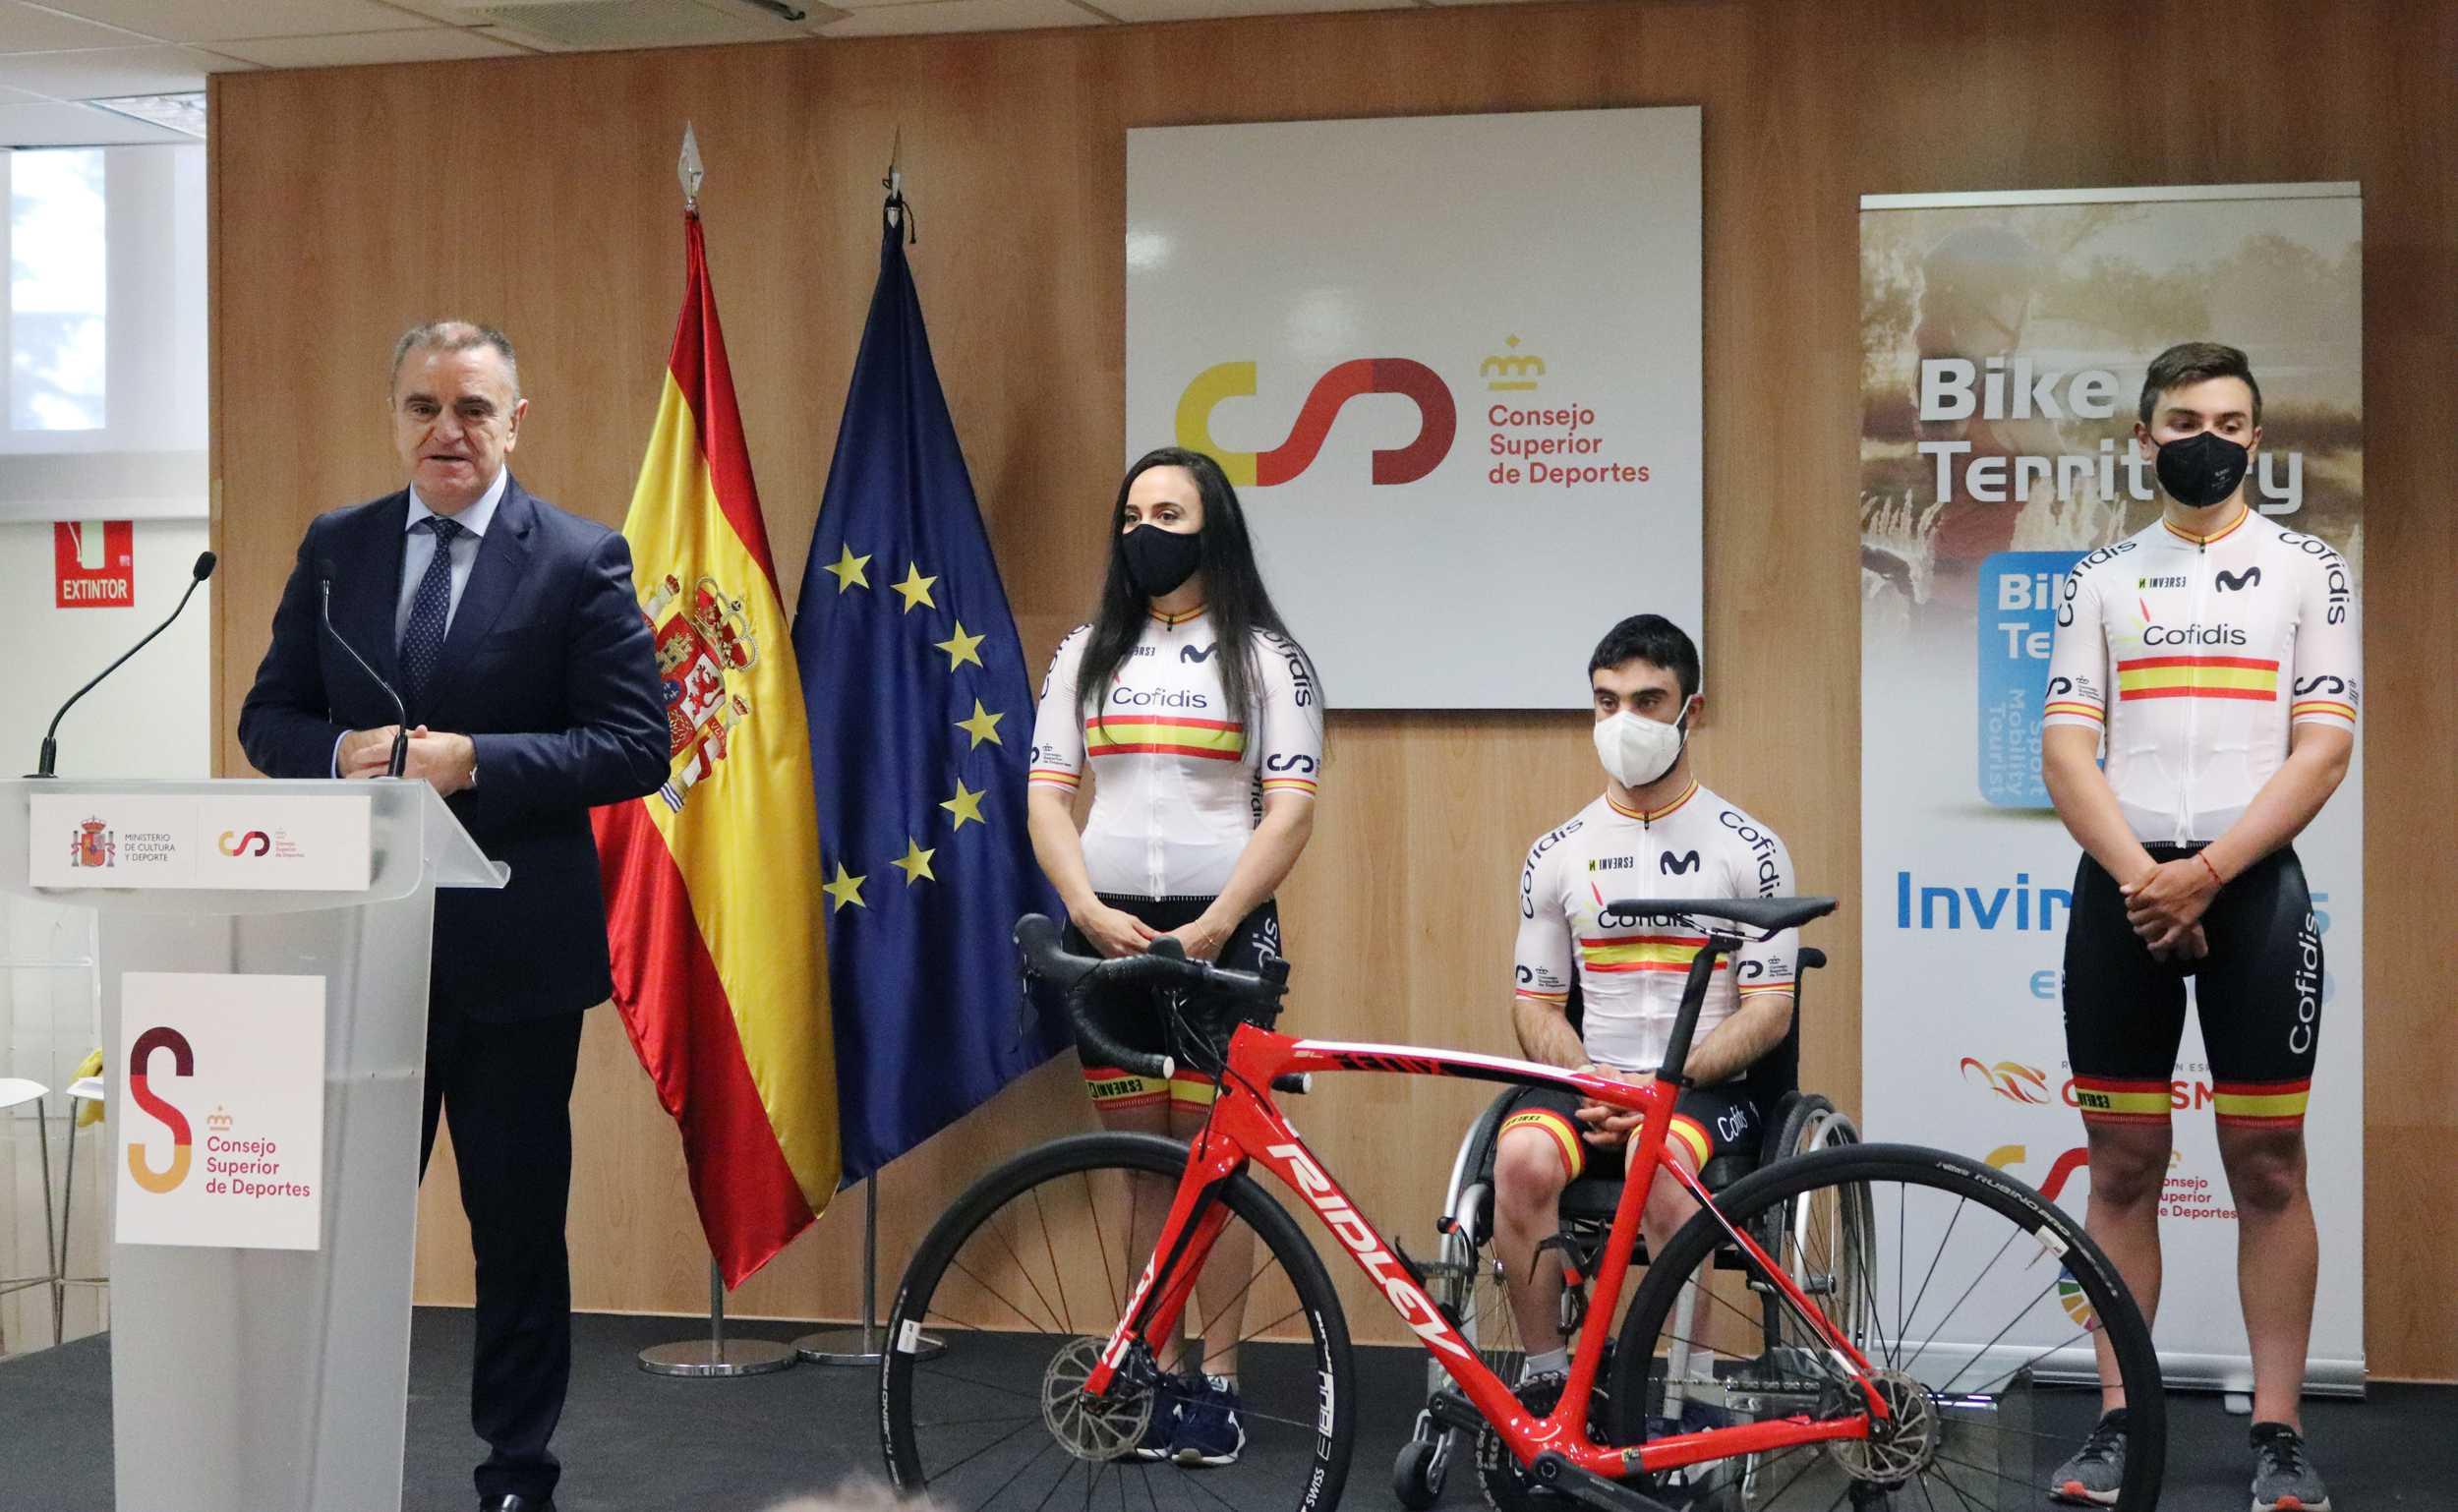 Acto de presentación del nuevo uniforme de la Selección Española de Ciclismo - Consejo Superior de Deportes